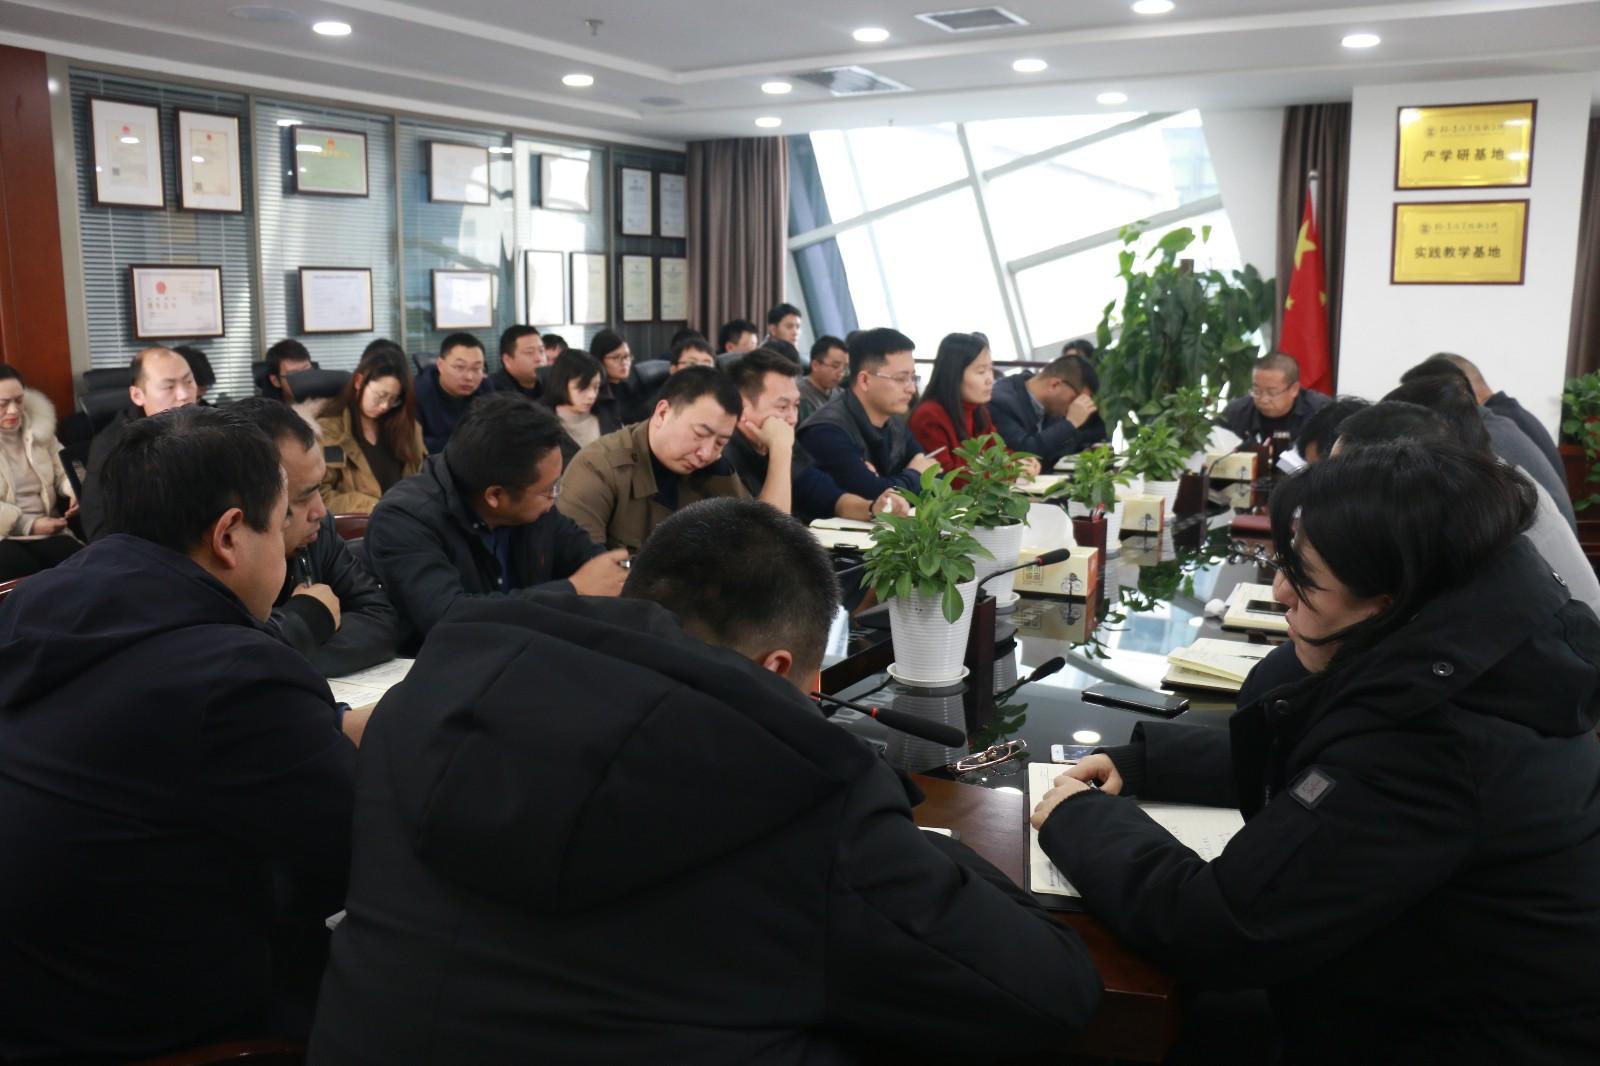 水bwin下载地址公司召开违规收送礼金问题专项整治工作专题会议